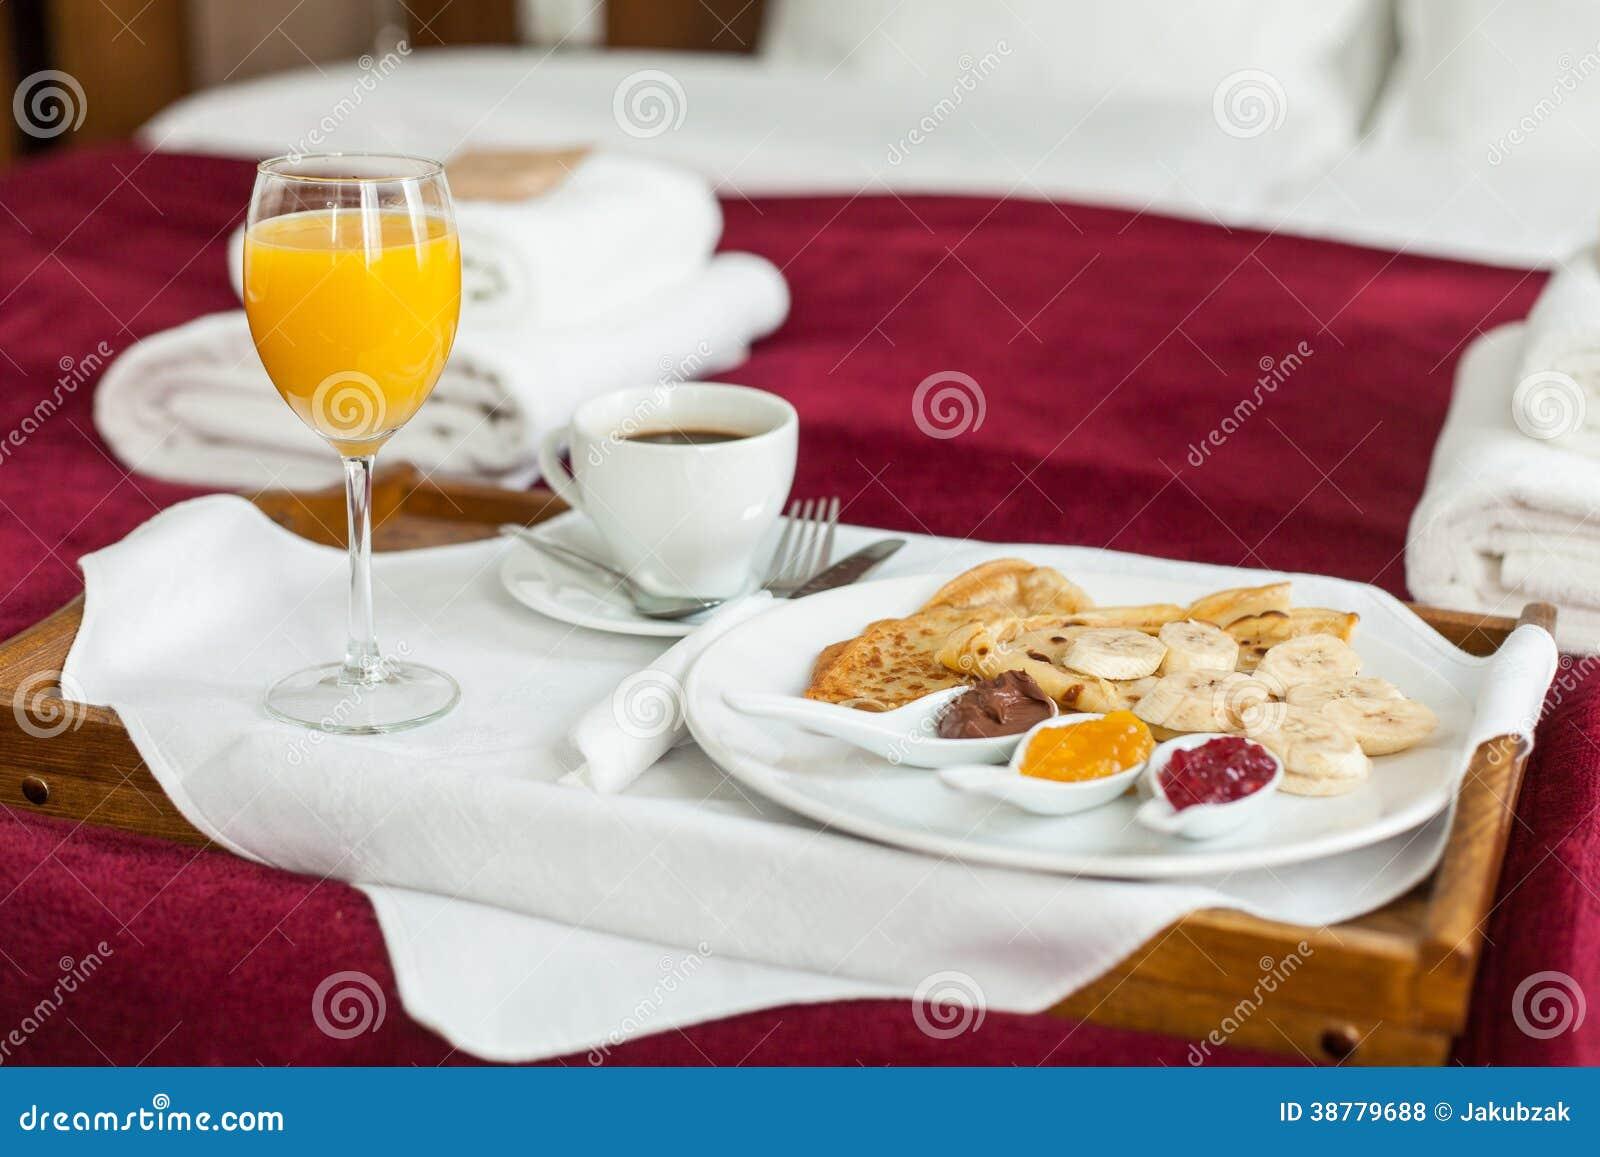 Foto de la bandeja con la comida de desayuno en la cama foto de archivo imagen de cama - Bandeja desayuno cama ...